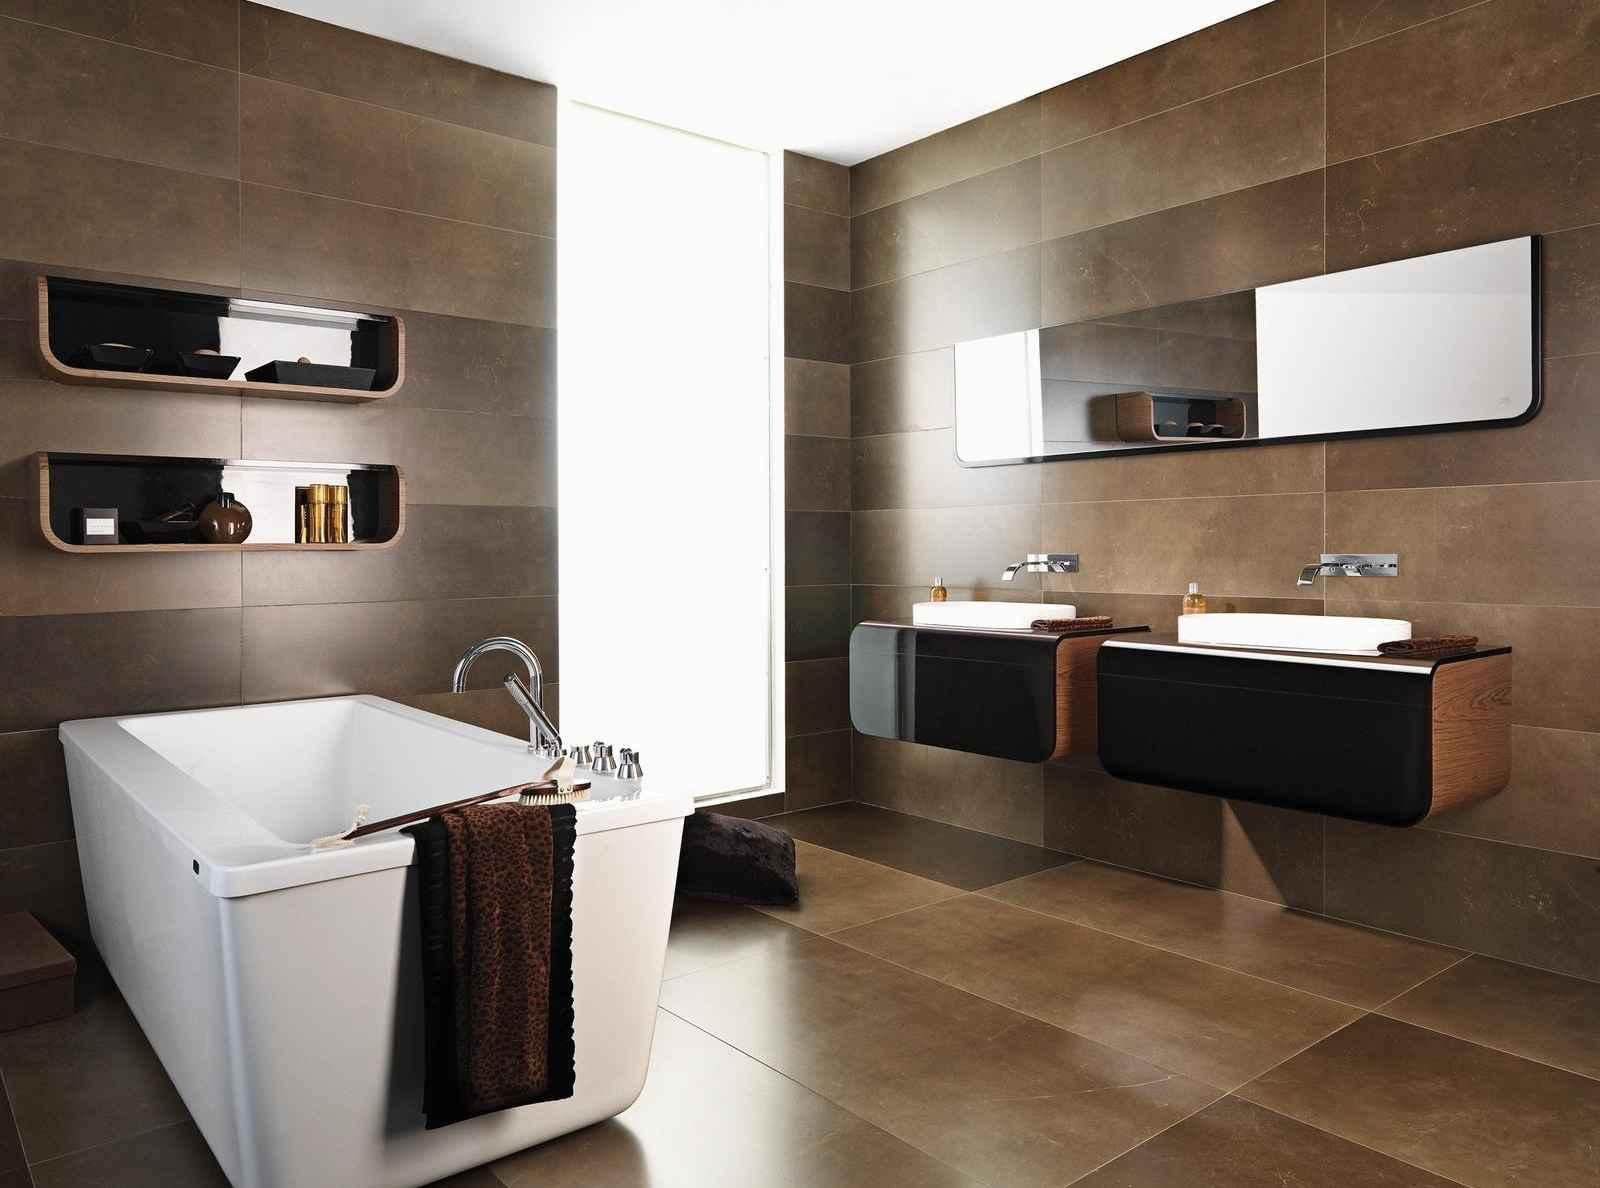 18 - Ceramic Tile Bathrooms